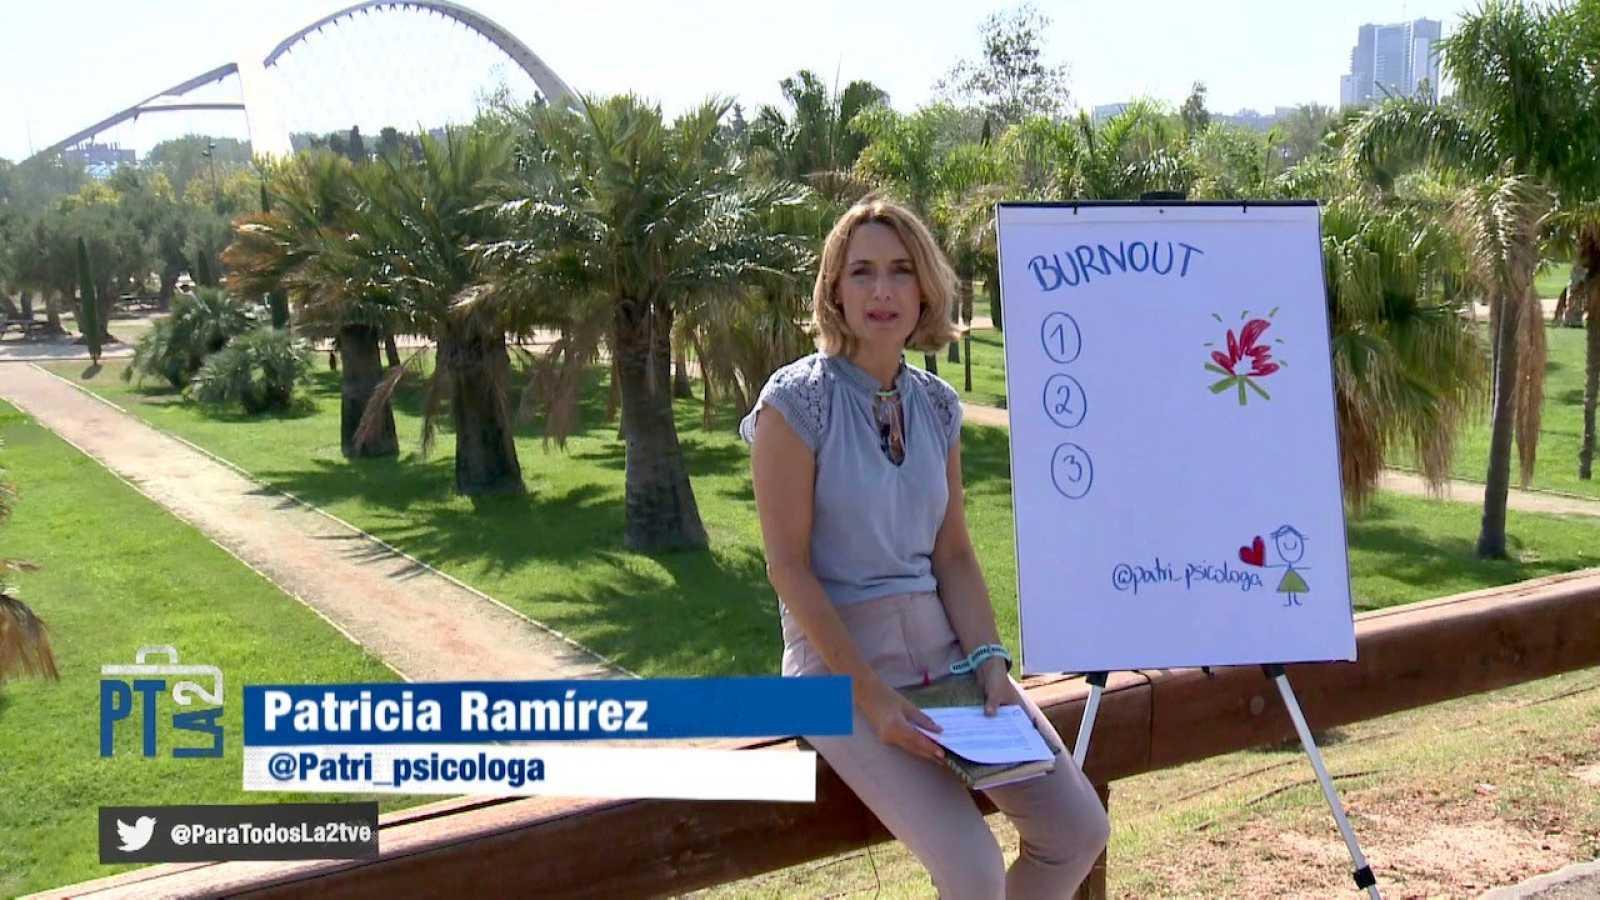 Burnout. Patricia Ramírez nos habla del síndrome de sentirse quemado